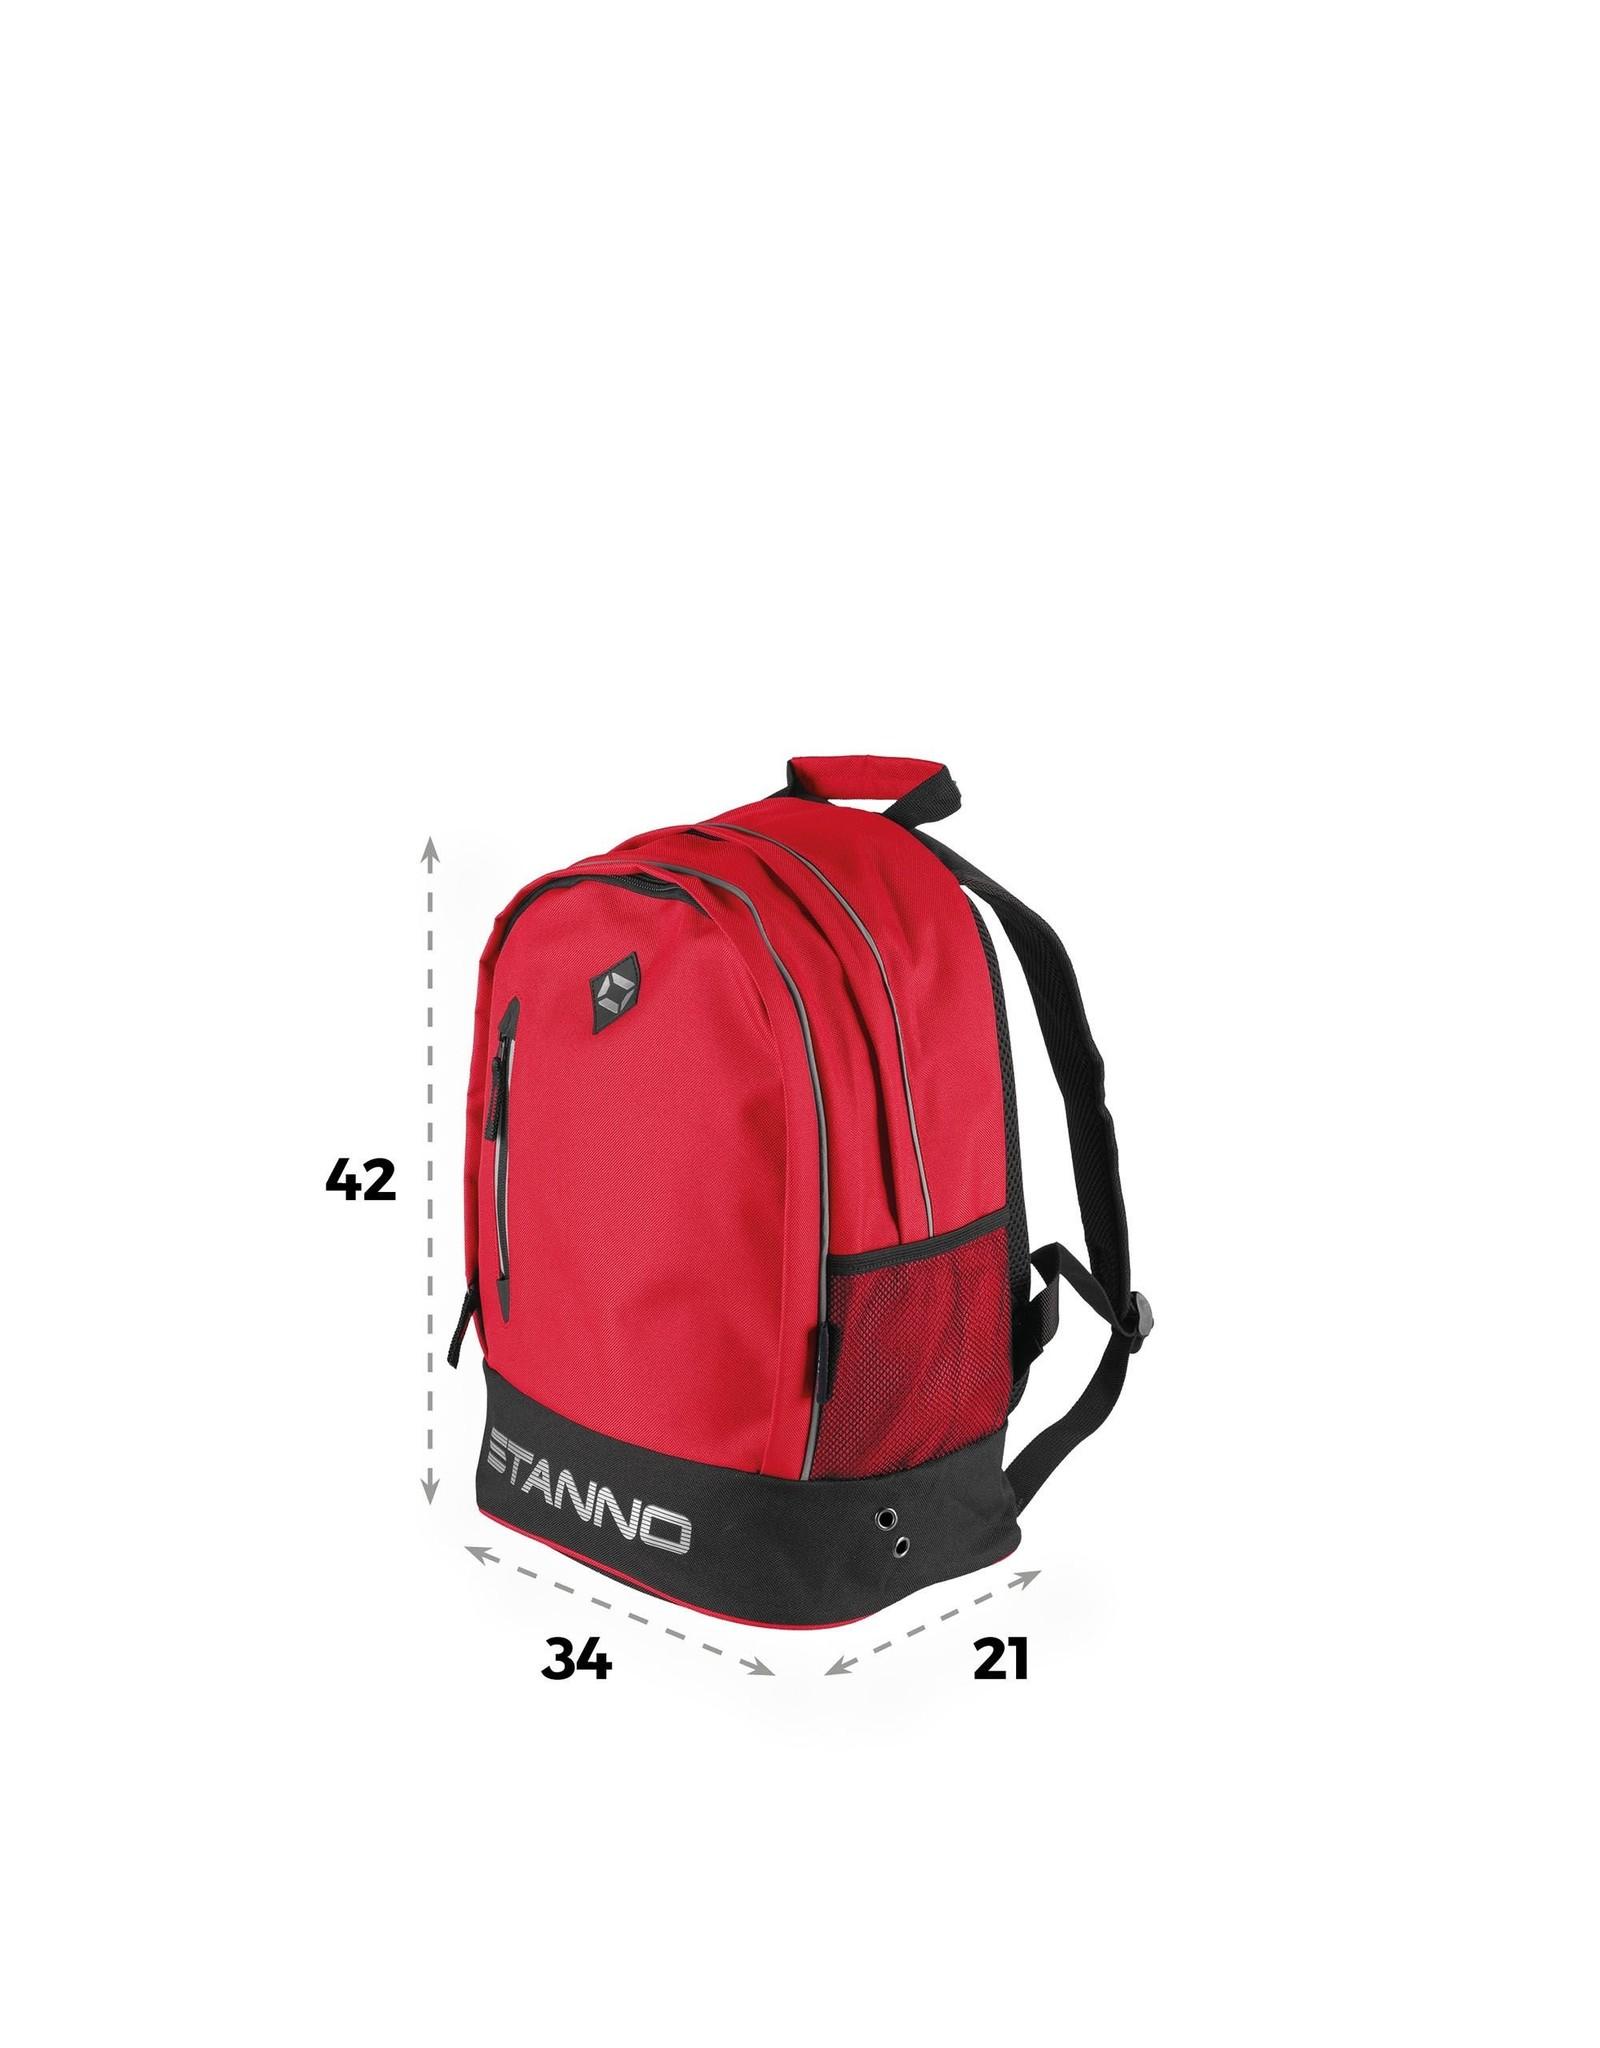 Stanno SVH'39 backpack met schoenvak